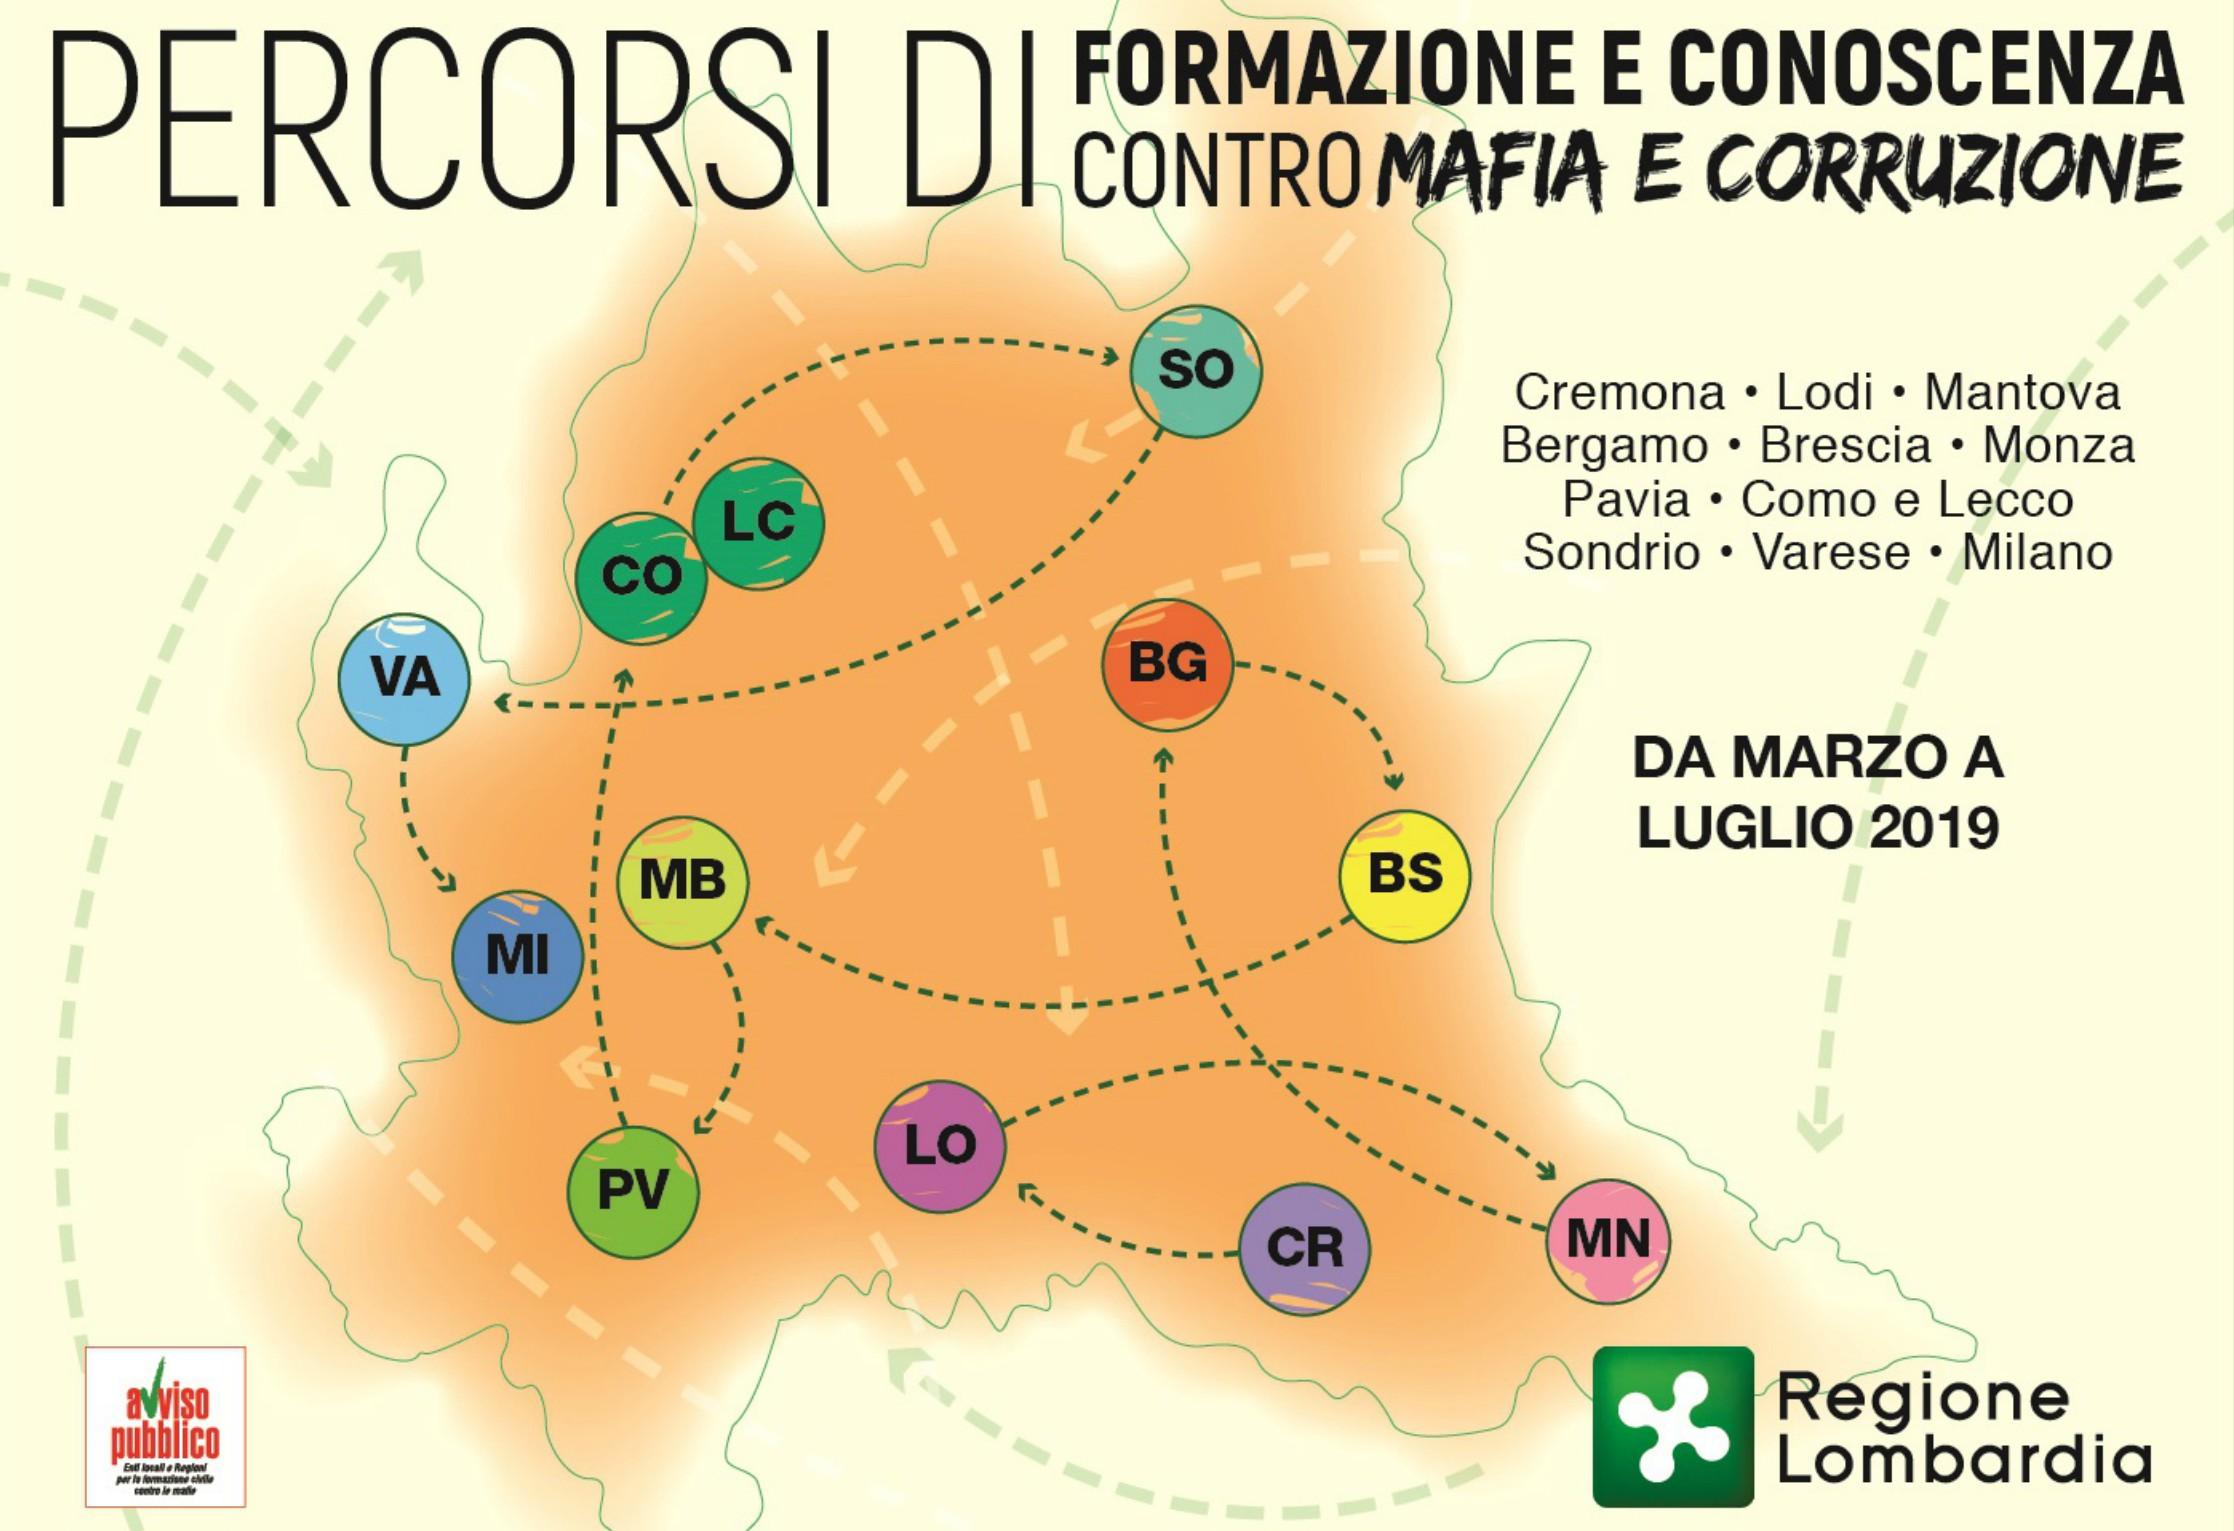 Percorsi di formazione contro mafia e corruzione: il 5 e 6 giugno a Pavia due eventi formativi sul tema delle Ecomafie, nell'ambito del progetto realizzato da Regione Lombardia e Avviso Pubblico